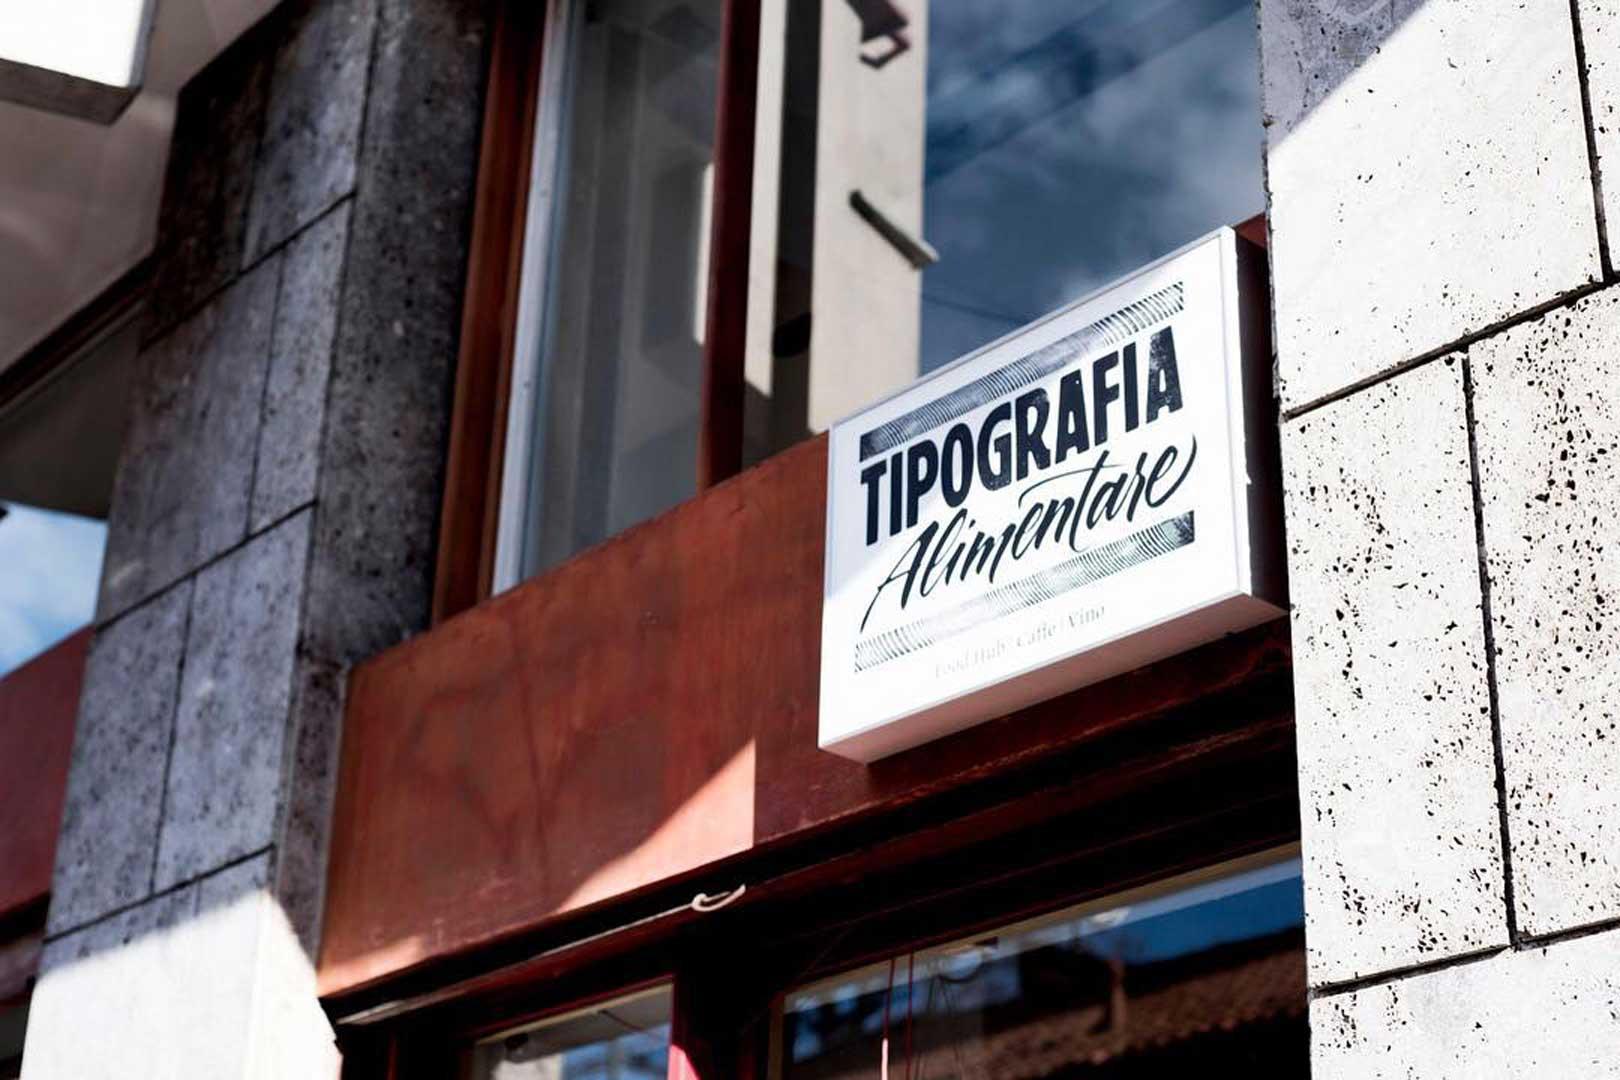 Tipografia alimentare - Milano